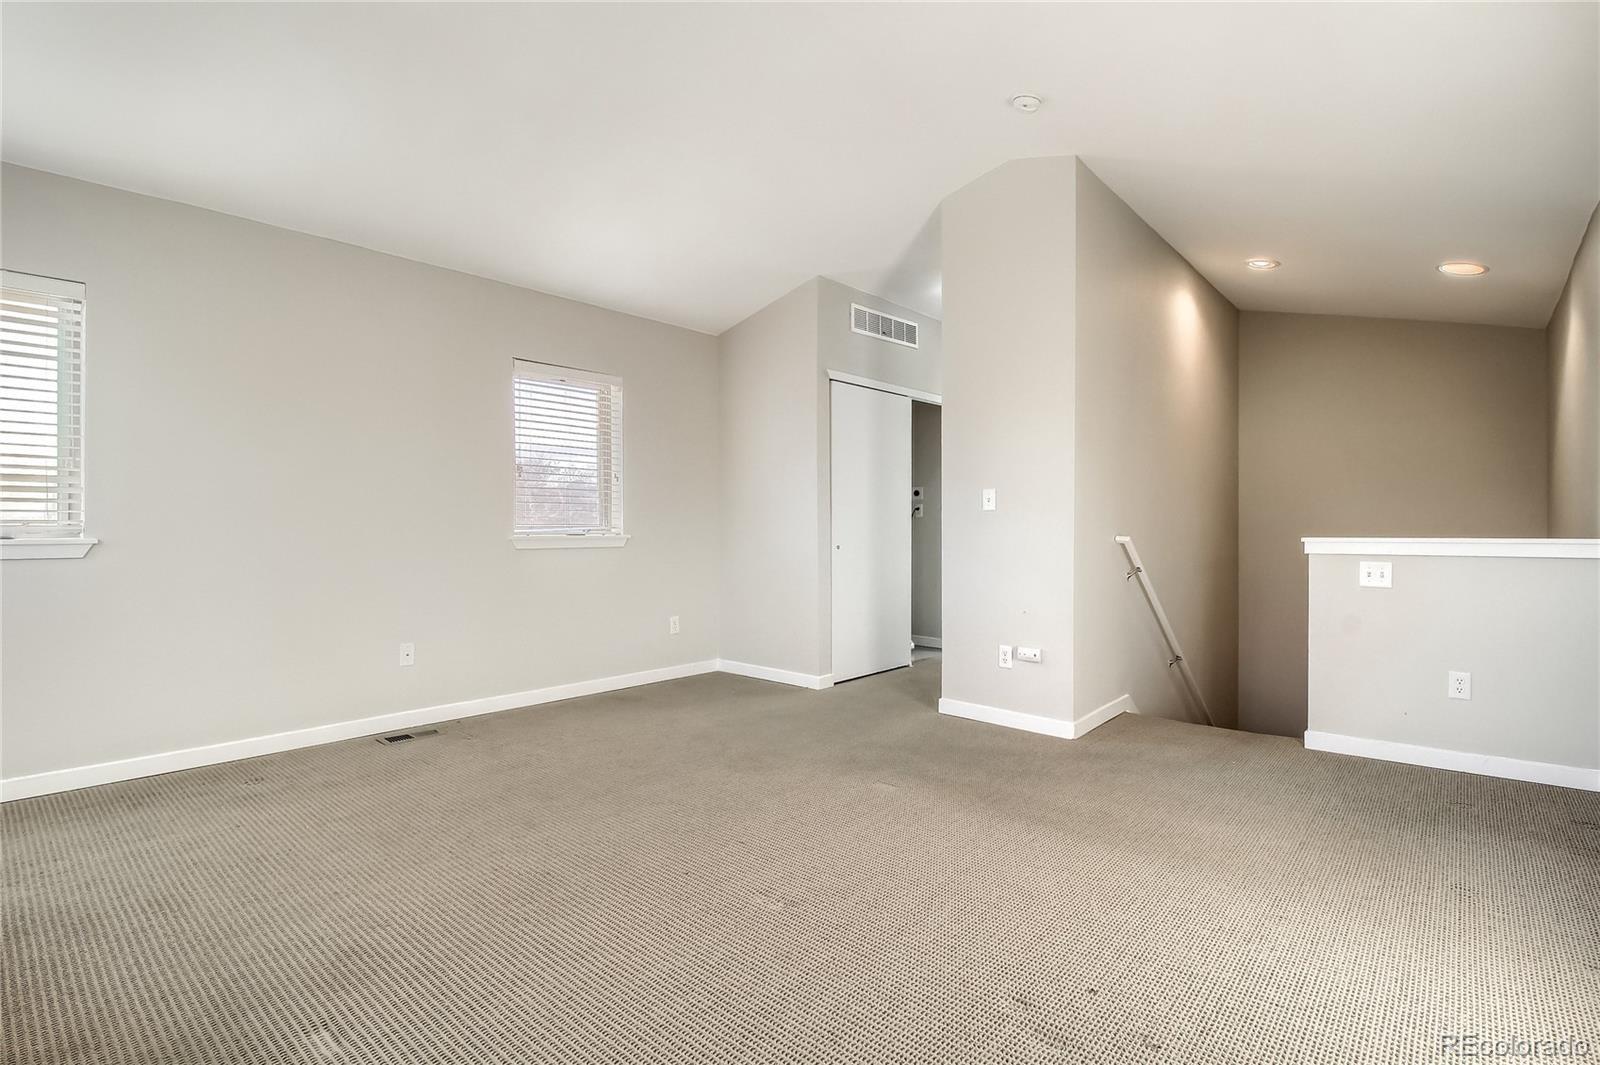 MLS# 3988040 - 19 - 500 30th Street #2, Denver, CO 80205